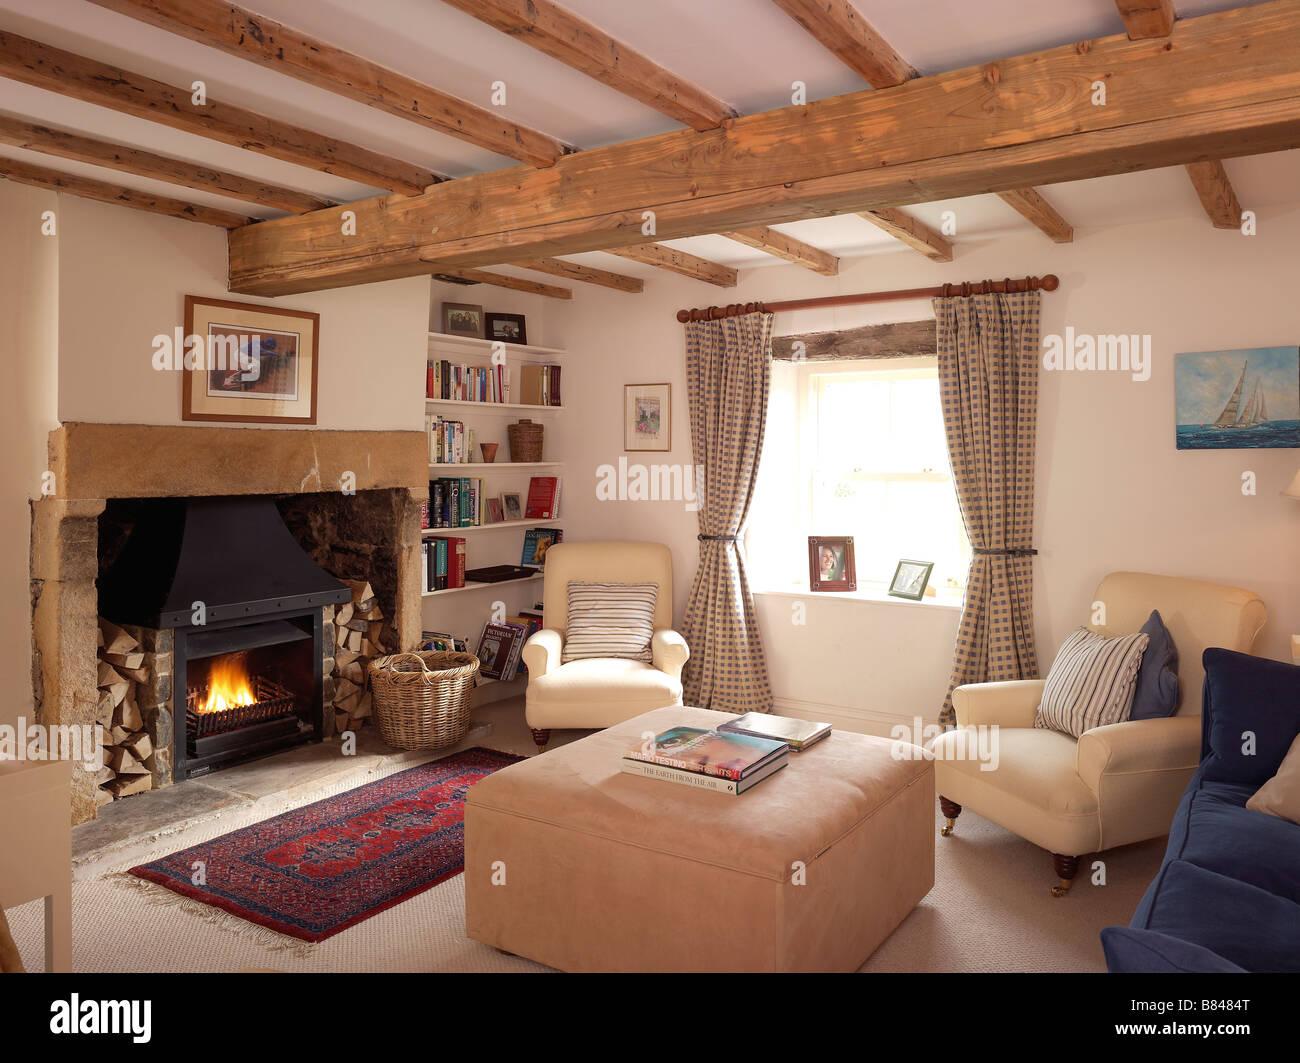 land stil wohnzimmer mit brennenden kaminfeuer und creme m bel mit karierte vorh nge und. Black Bedroom Furniture Sets. Home Design Ideas